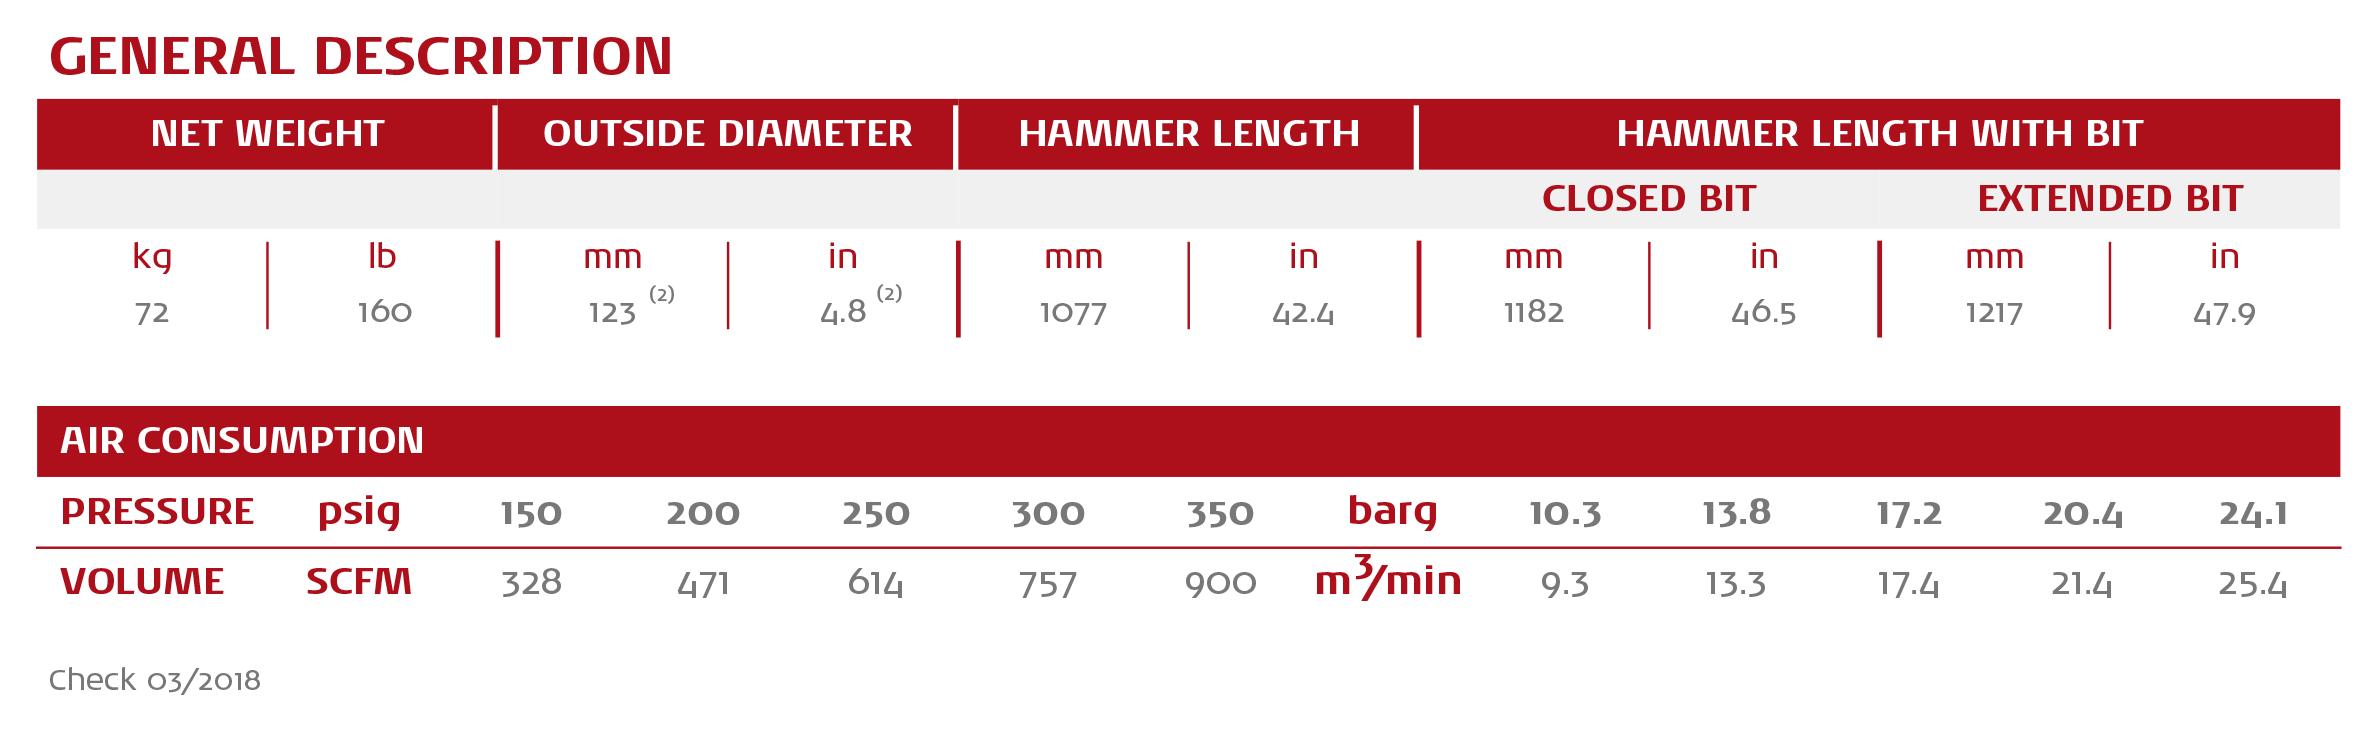 Puma M5.2EX HV HDR QL5 General Description